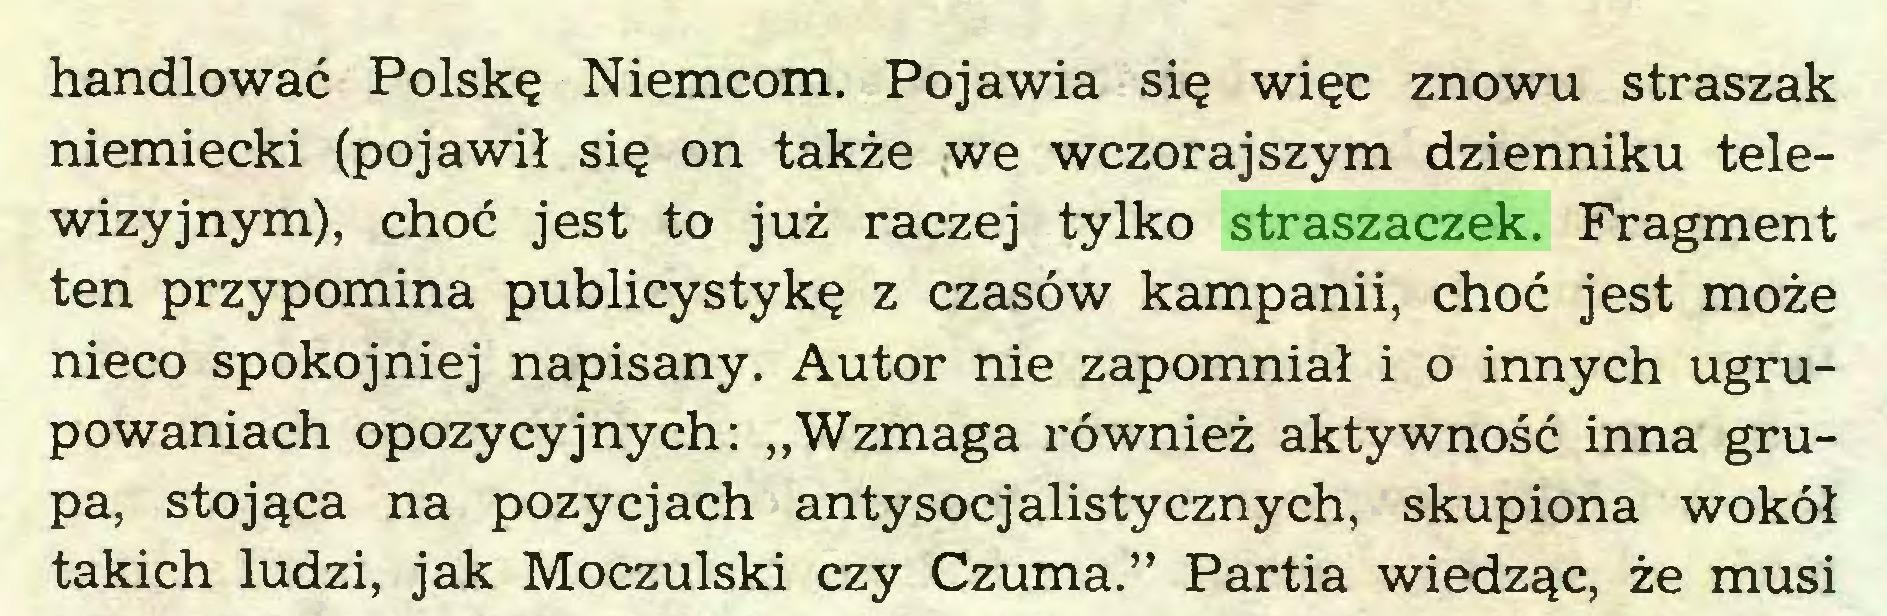 """(...) handlować Polskę Niemcom. Pojawia się więc znowu straszak niemiecki (pojawił się on także we wczorajszym dzienniku telewizyjnym), choć jest to już raczej tylko straszaczek. Fragment ten przypomina publicystykę z czasów kampanii, choć jest może nieco spokojniej napisany. Autor nie zapomniał i o innych ugrupowaniach opozycyjnych: """"Wzmaga również aktywność inna grupa, stojąca na pozycjach antysocjalistycznych, skupiona wokół takich ludzi, jak Moczulski czy Czuma."""" Partia wiedząc, że musi..."""